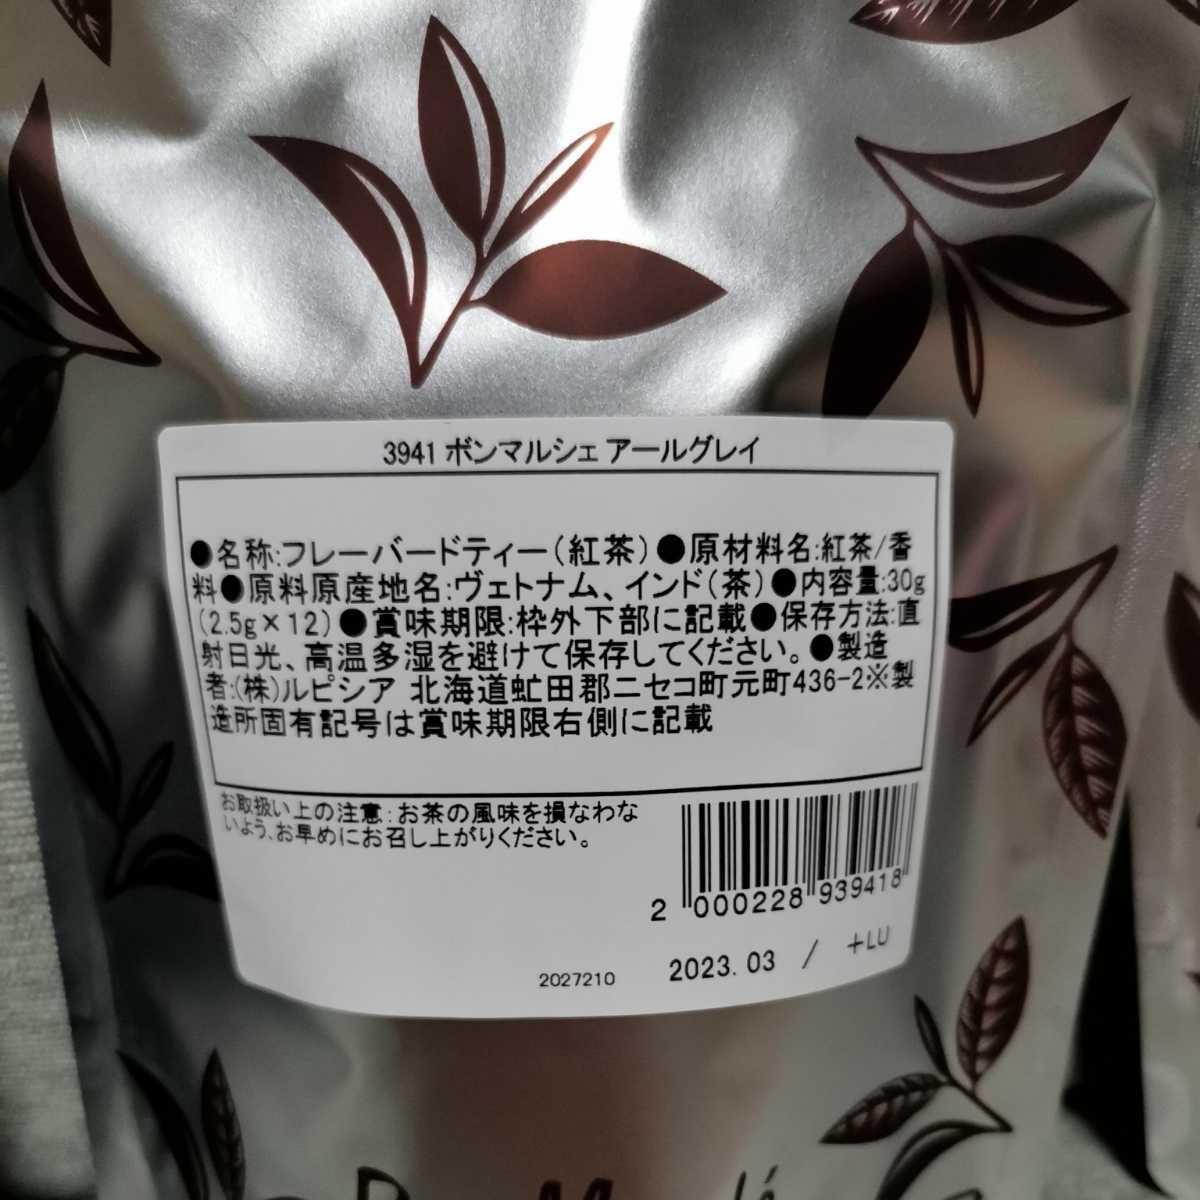 ルピシア フレーバーティー 4種類セット ティーバッグ エトワールロゼ 深蒸し煎茶 アールグレイ ルイボスティー_画像8